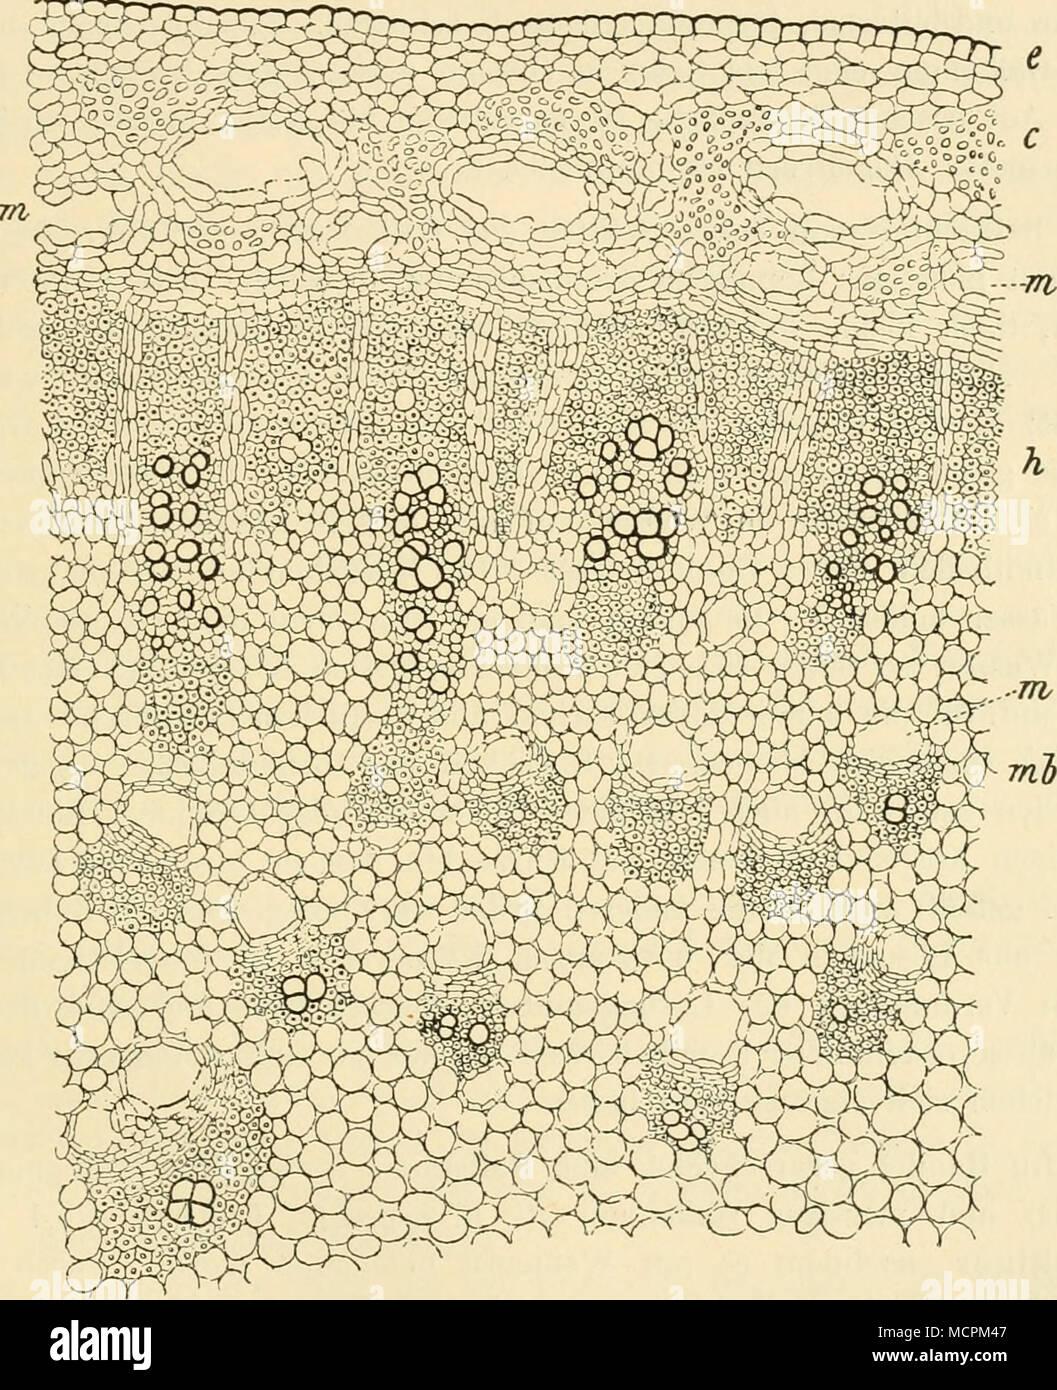 Fig. 52. Querschnitt duicli die Eandpartie eines Stengels von Ferula ...